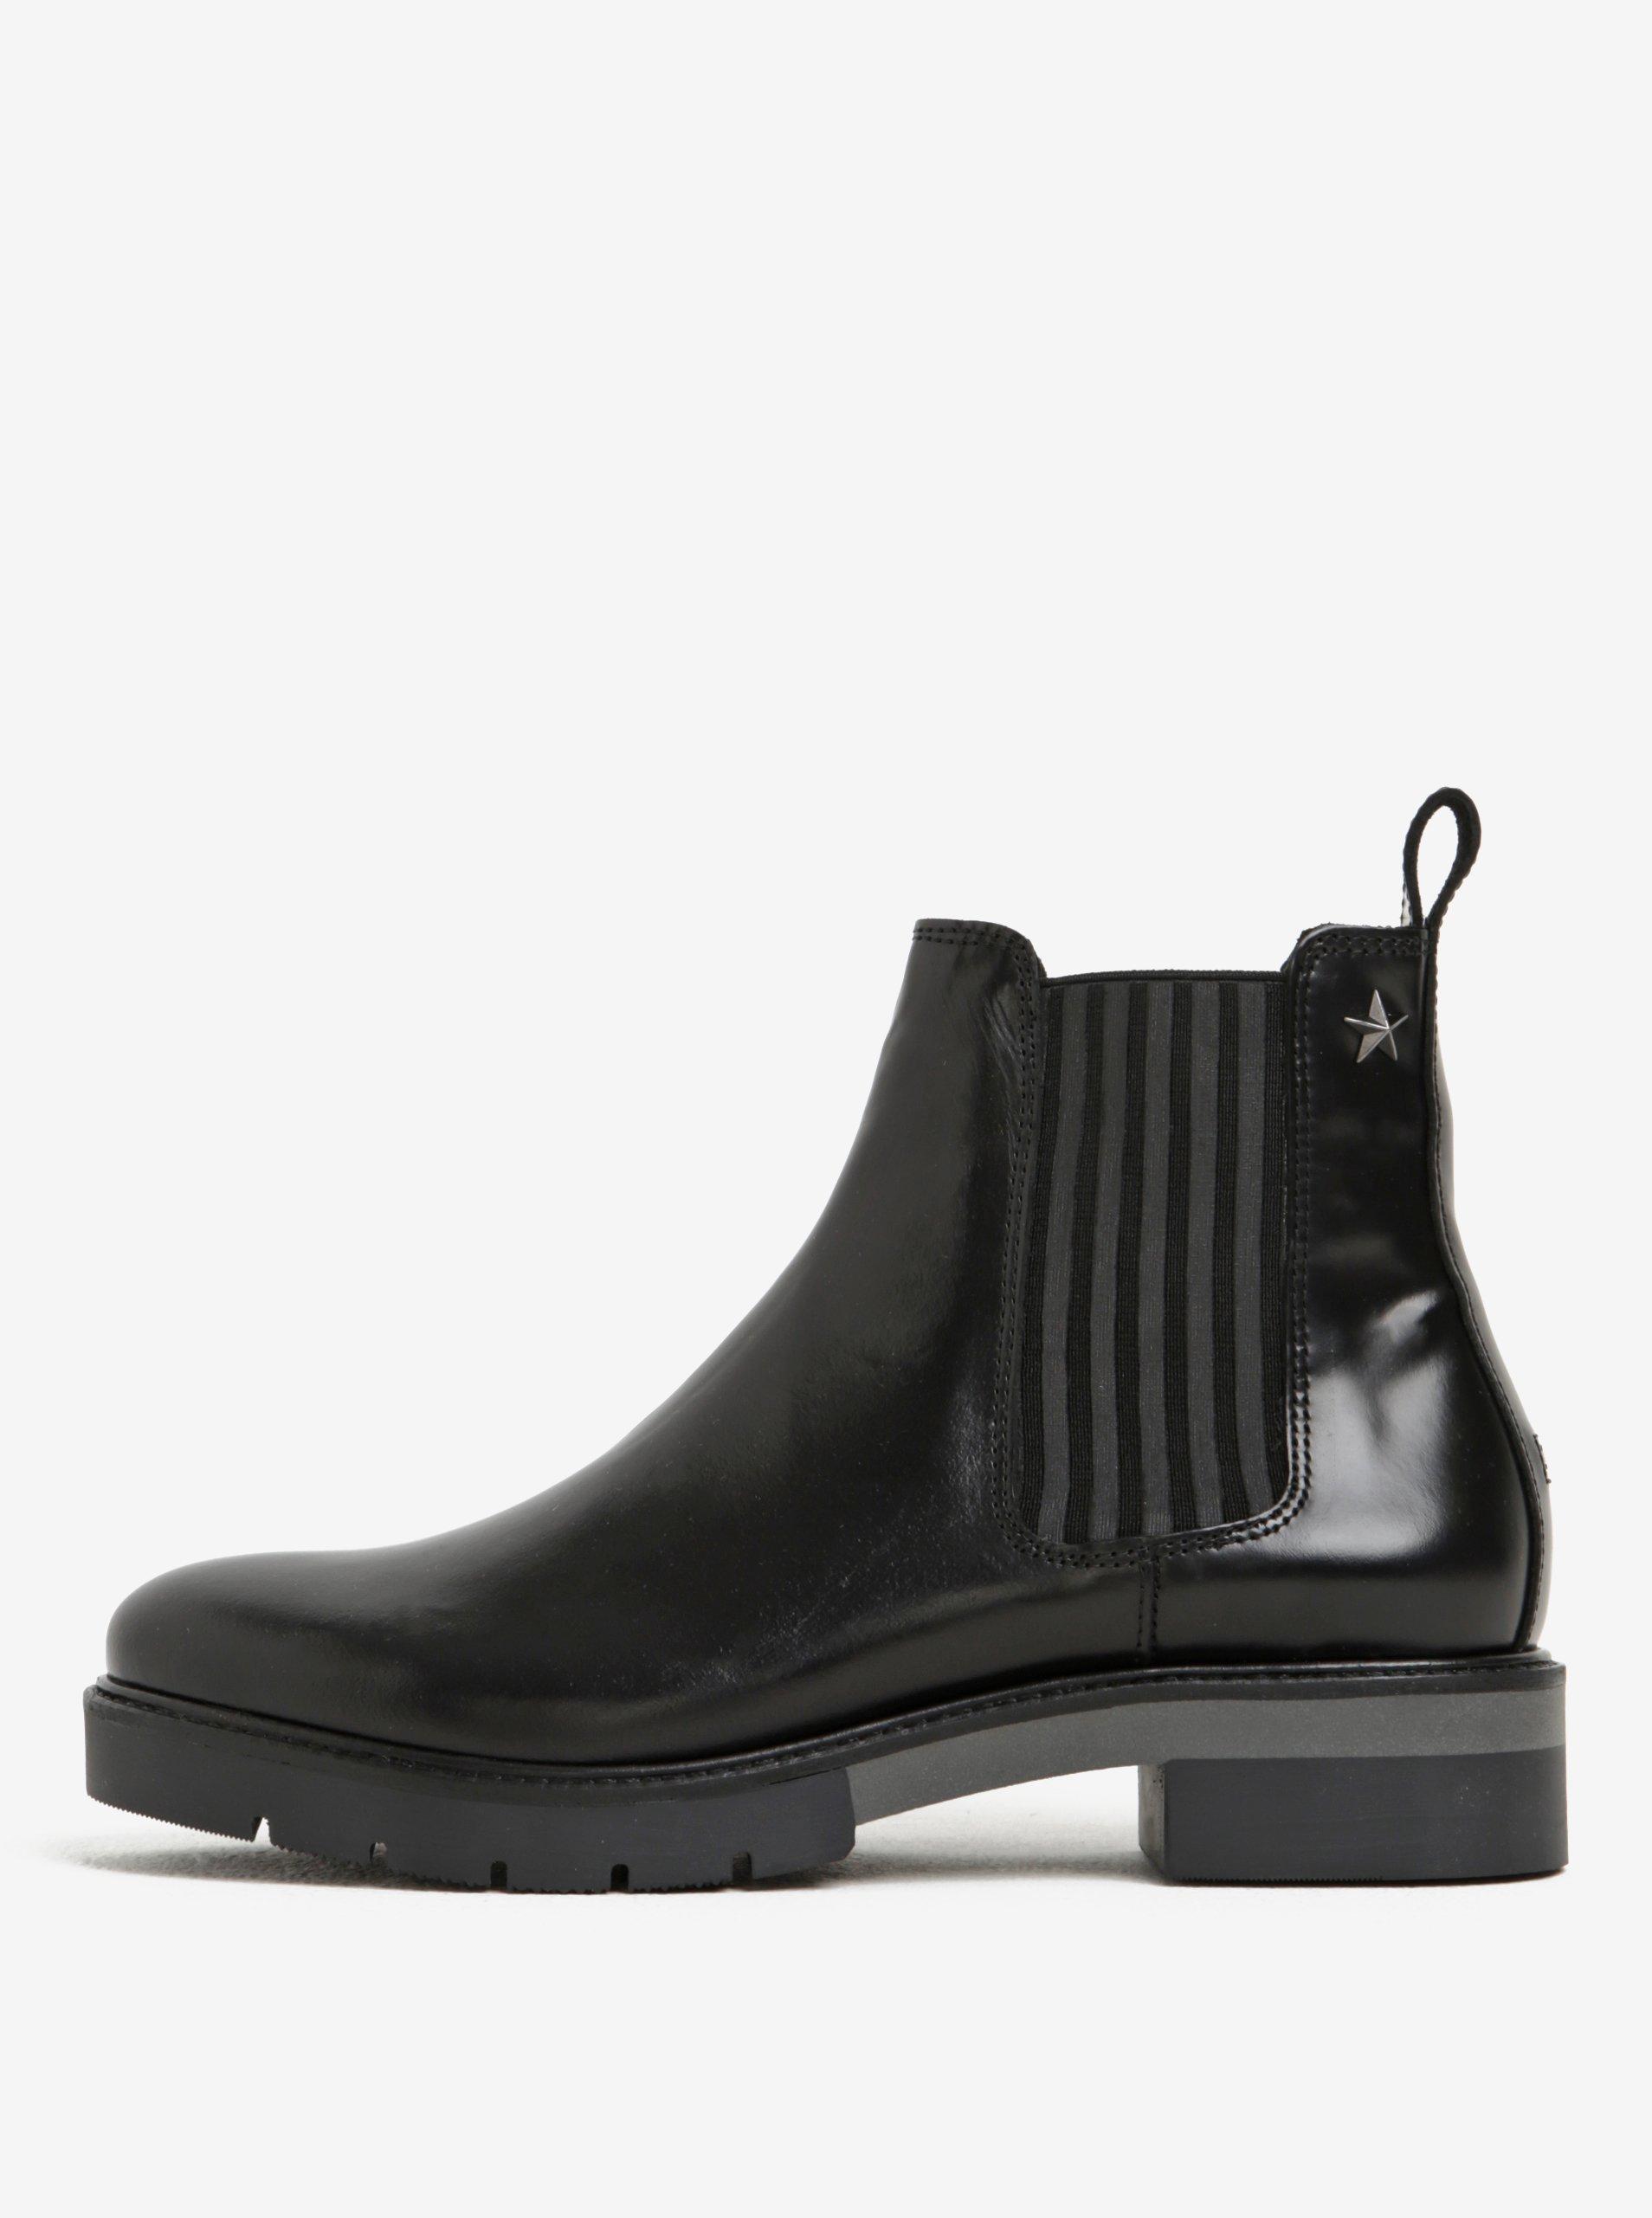 Černé dámské kožené chelsea boty Tommy Hilfiger Roxana    shoeee.cz 282ed6ec3a